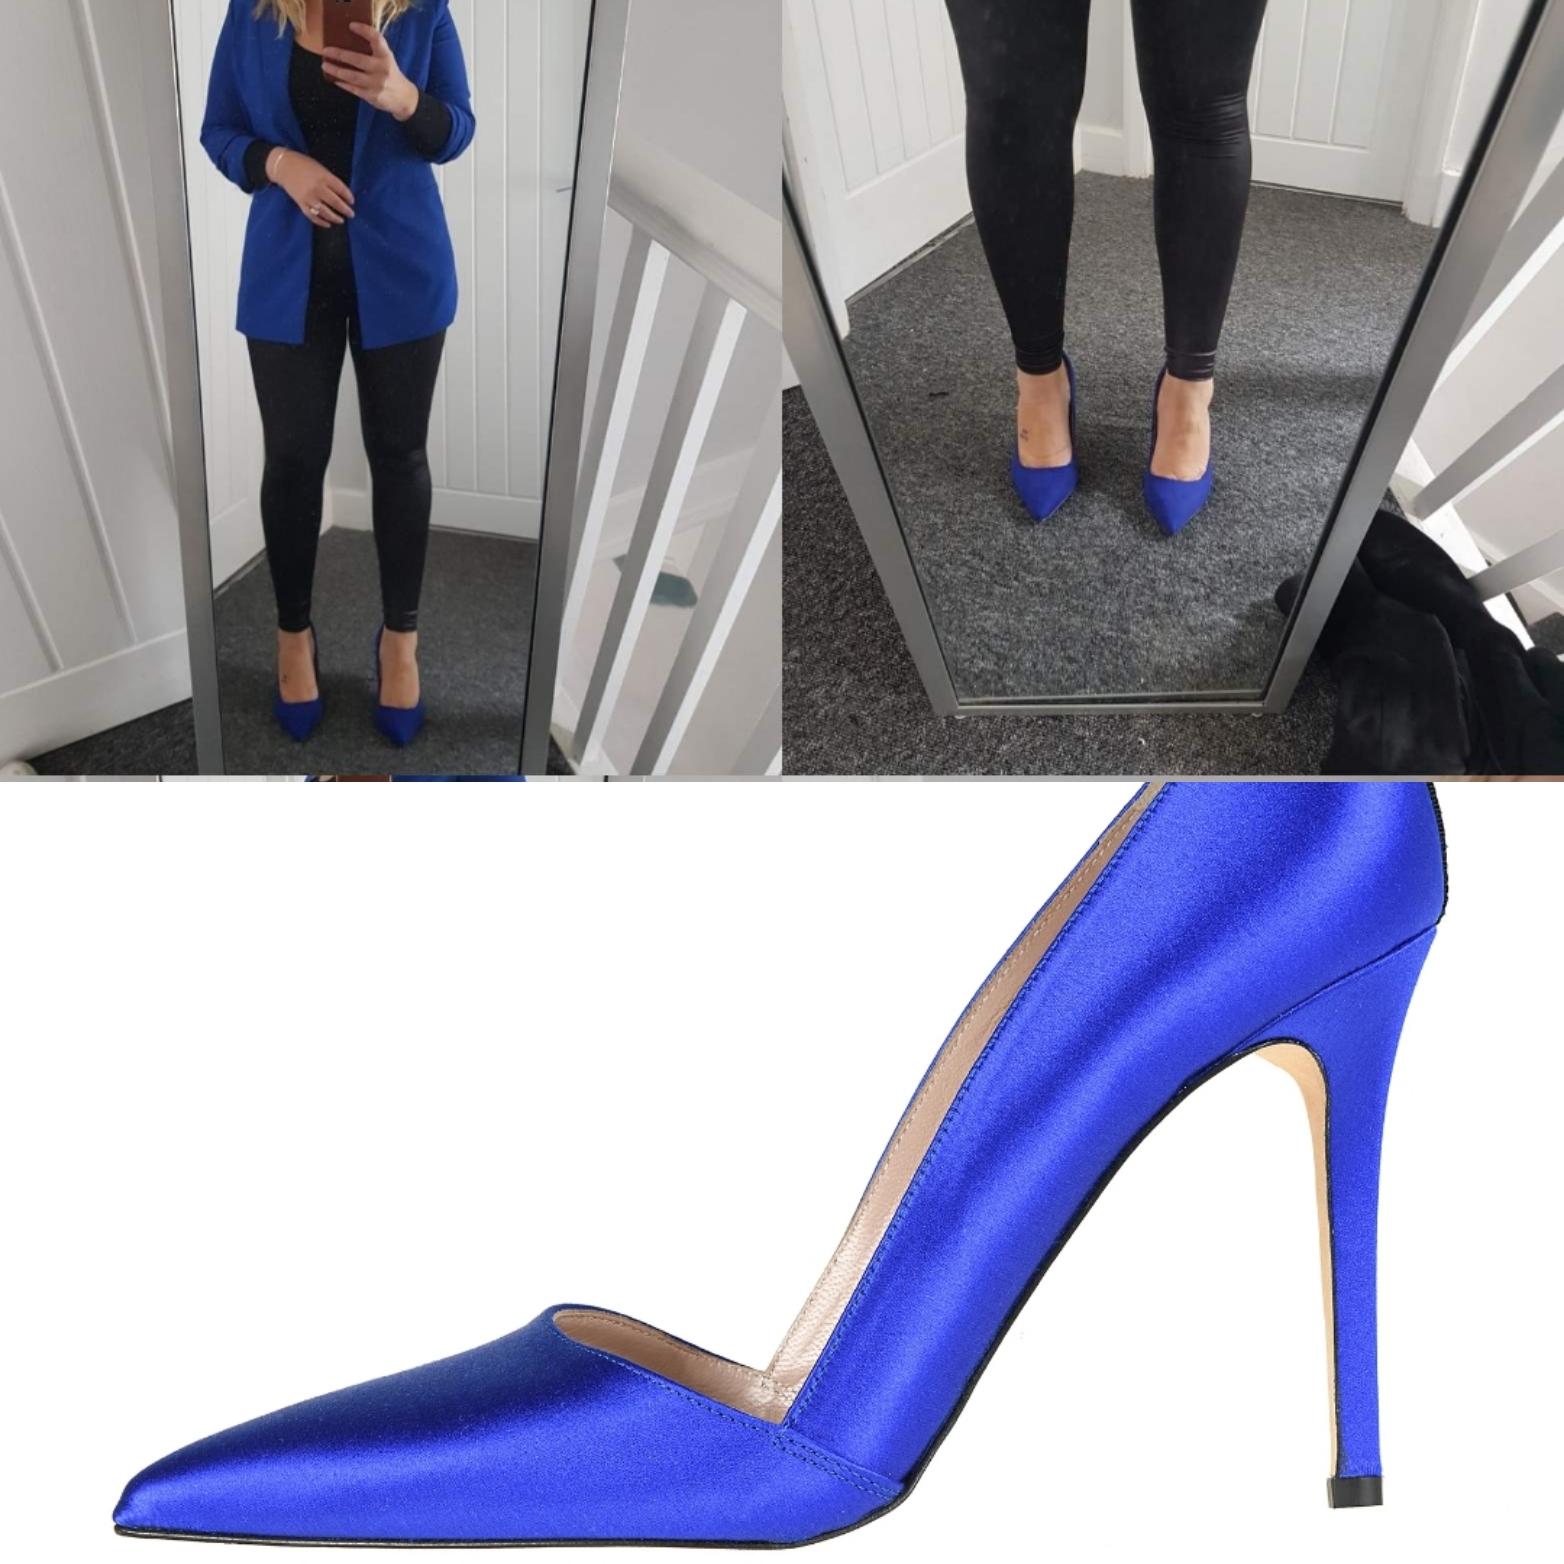 sjp blue shoesjpg